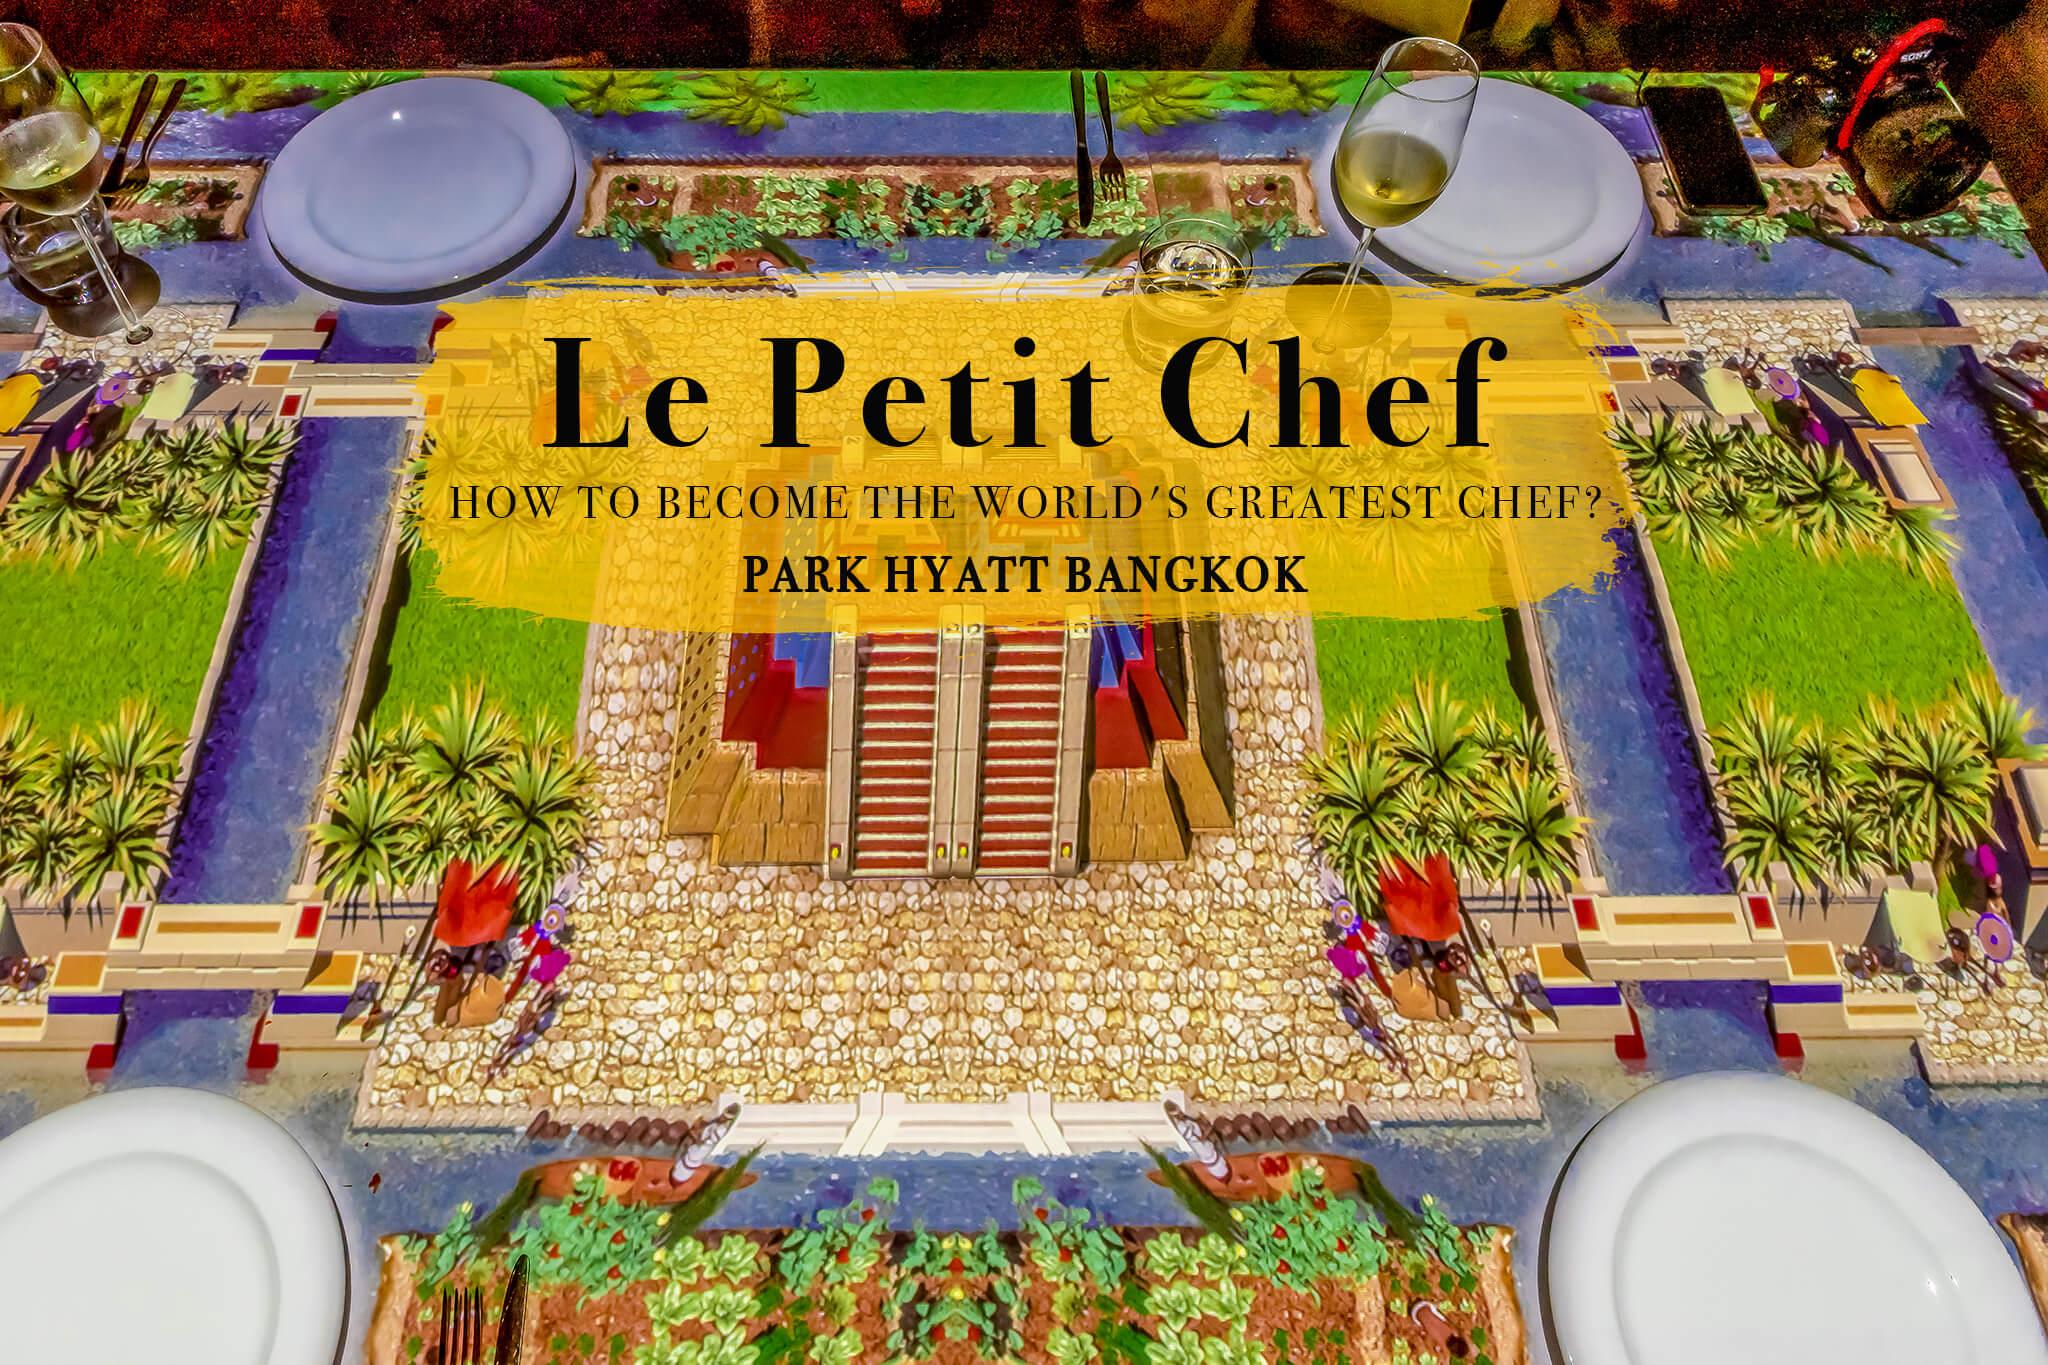 Le Petit Chef Park Hyatt Bangkok 2021